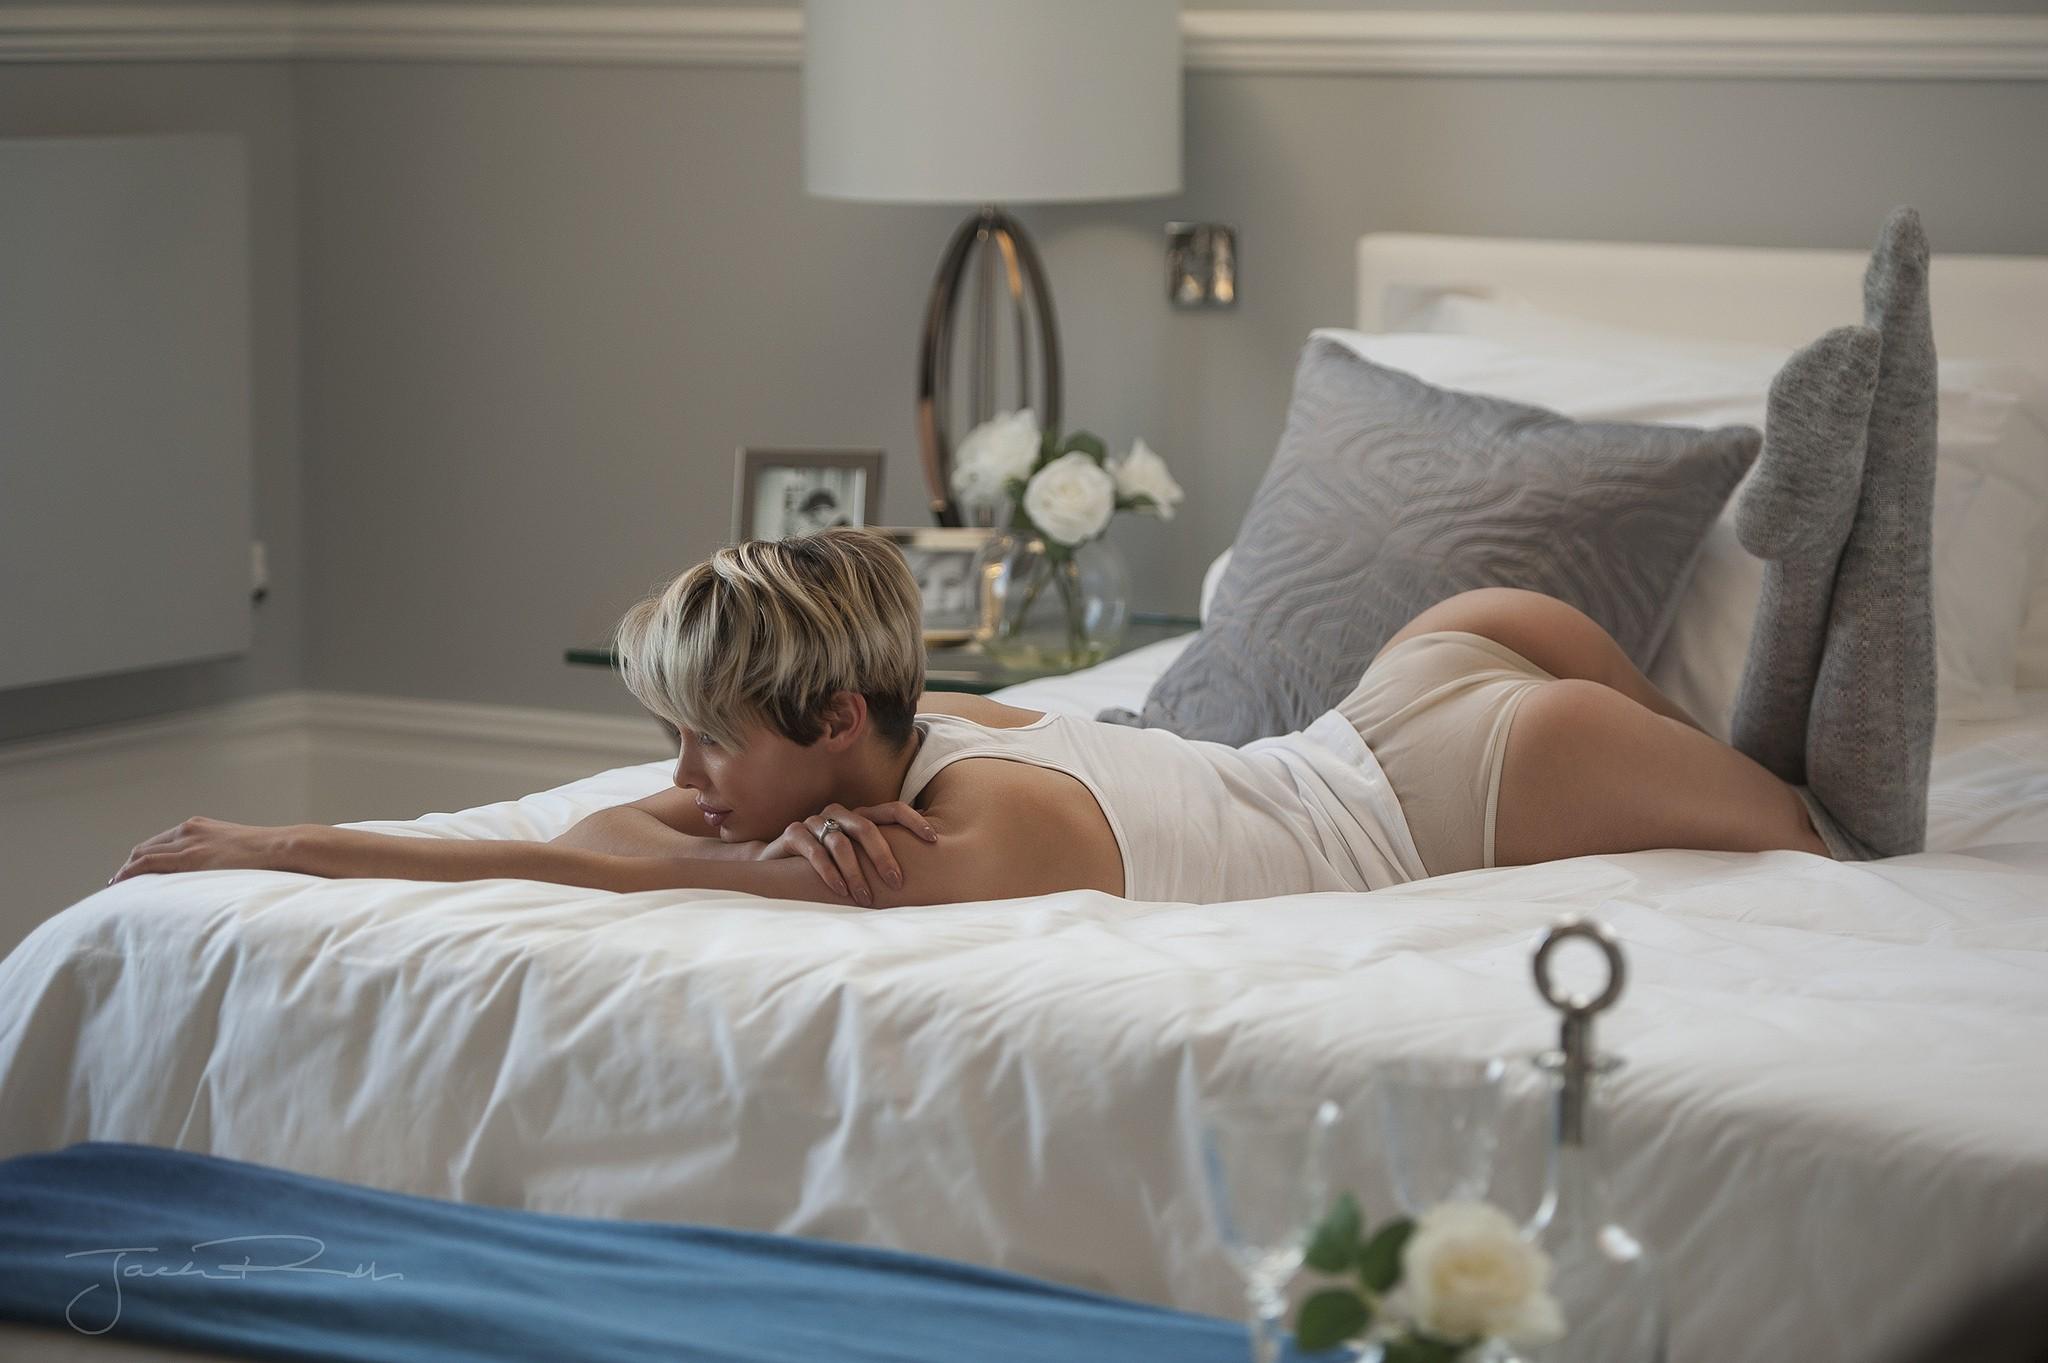 Жены на кровати фото, сочные попки домашнее